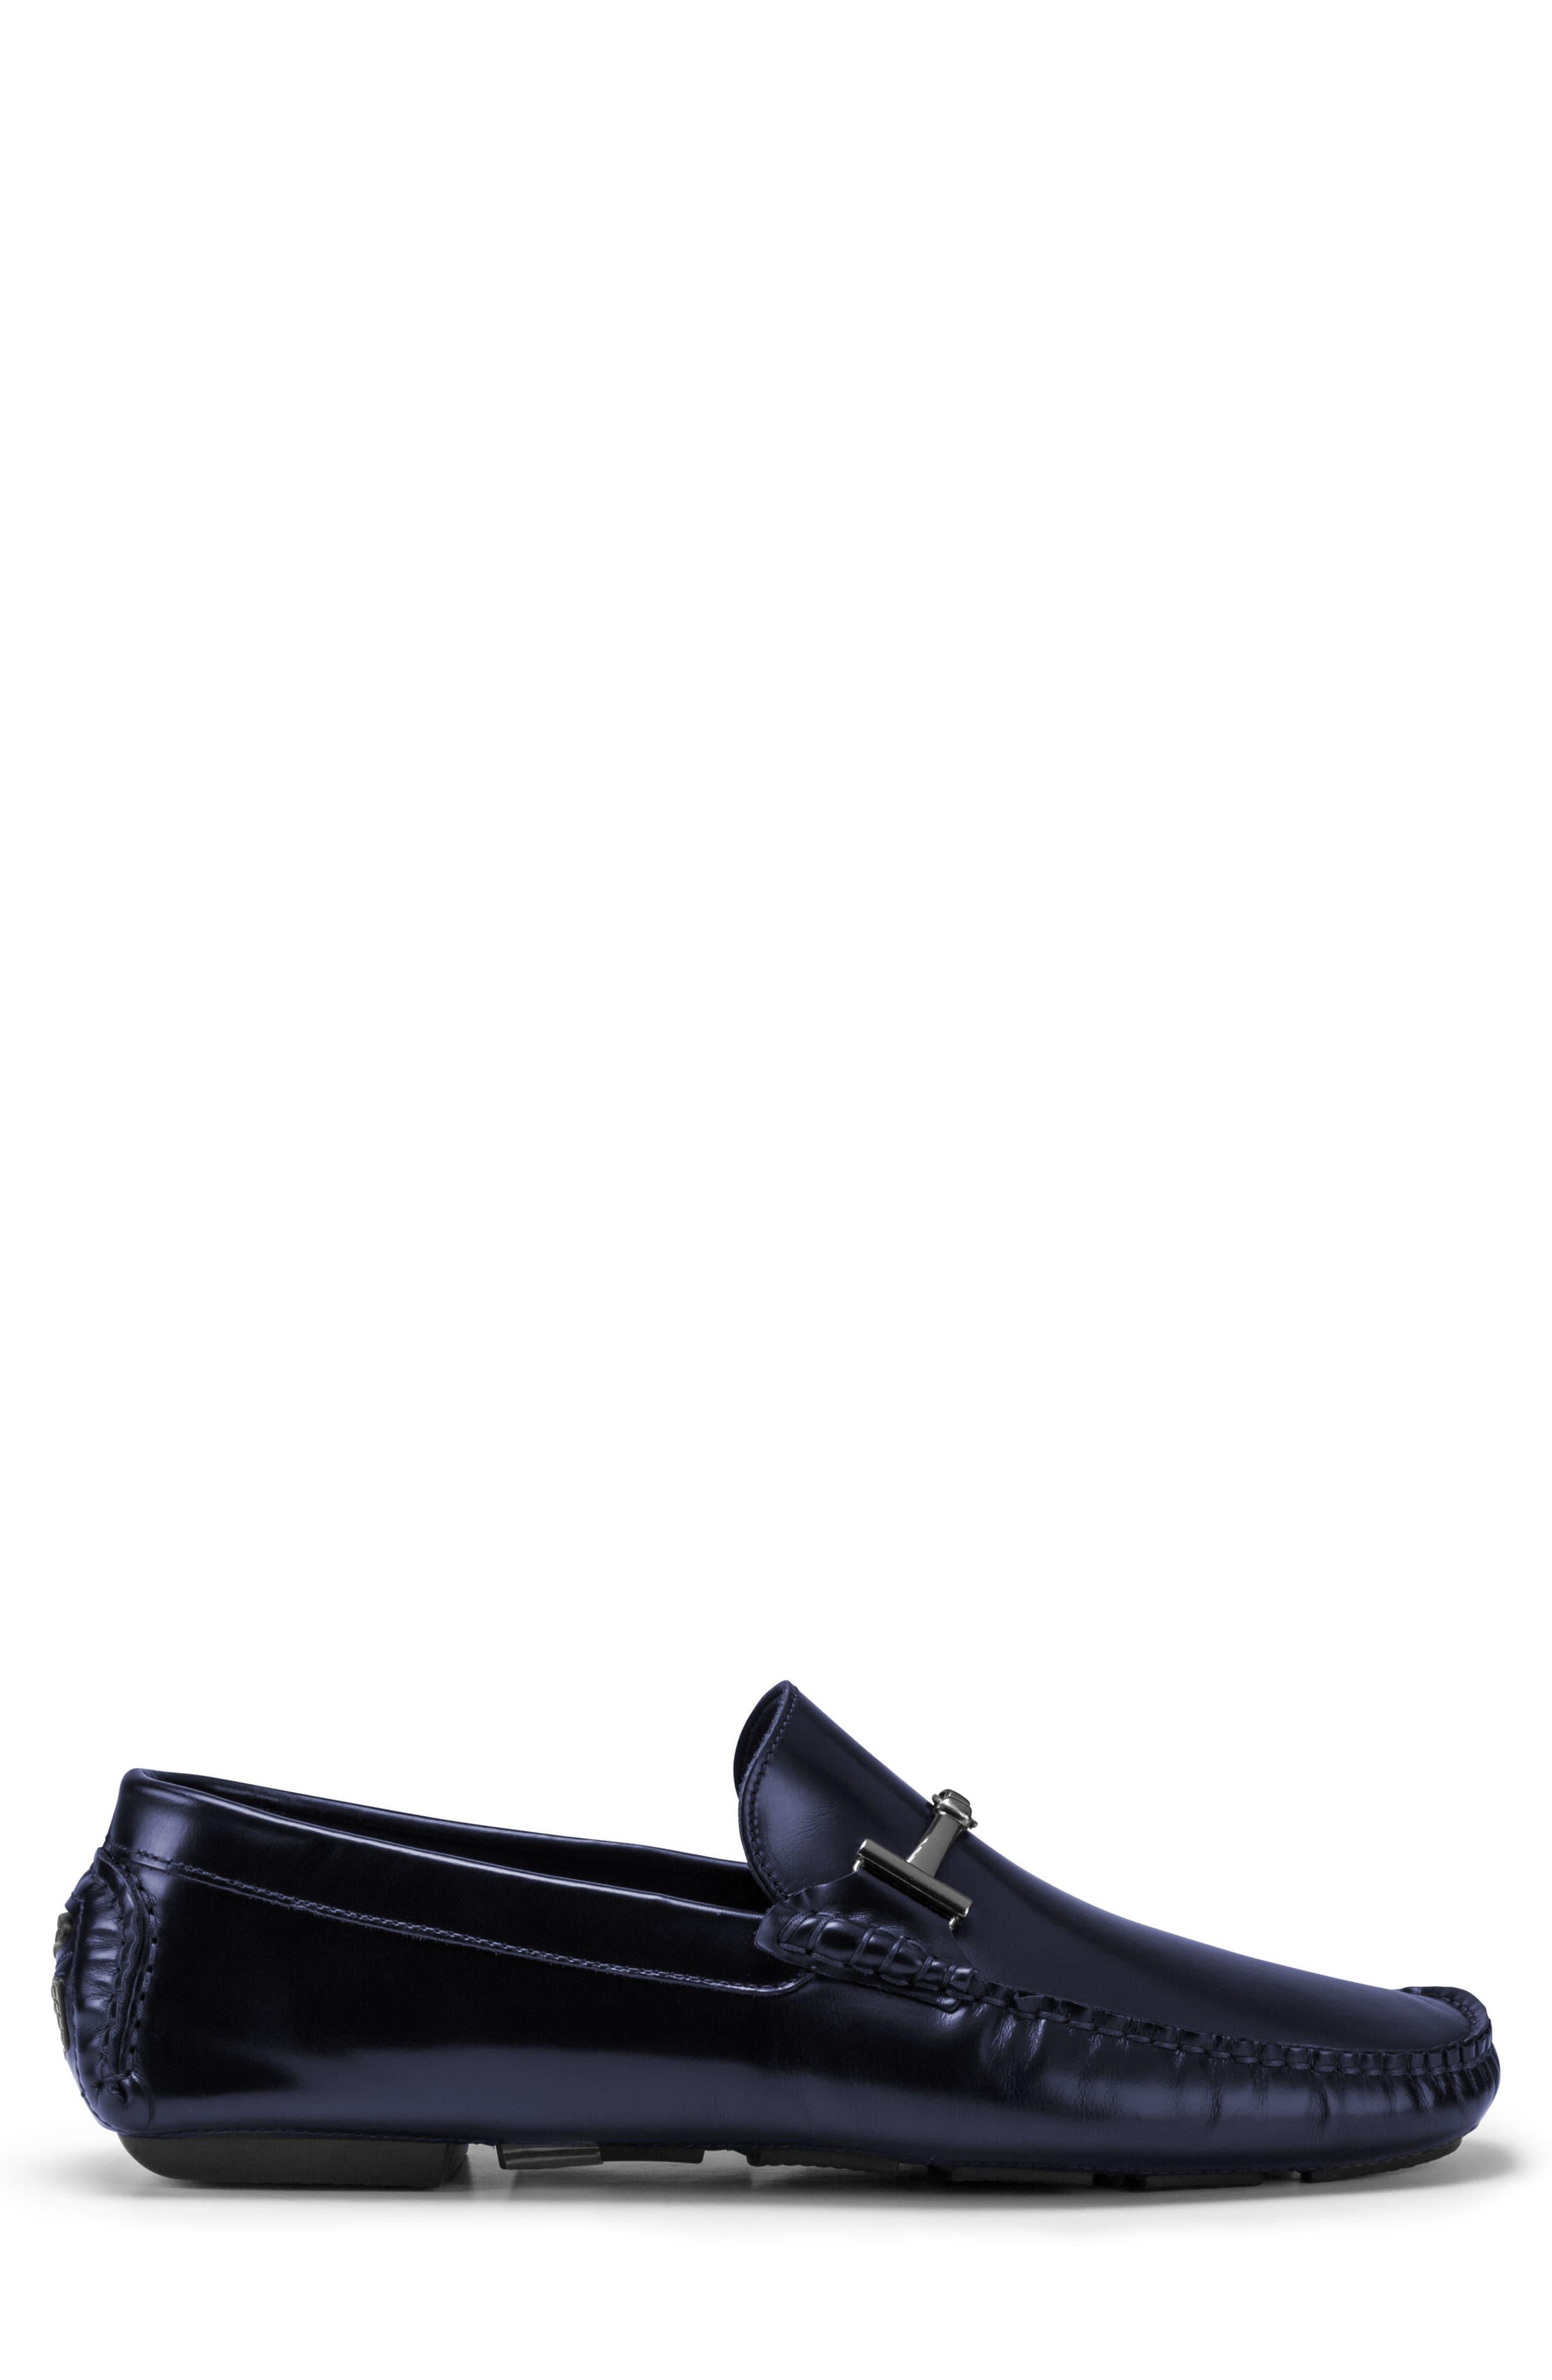 St. Tropez Driving Shoe,                             Alternate thumbnail 3, color,                             Blue Leather